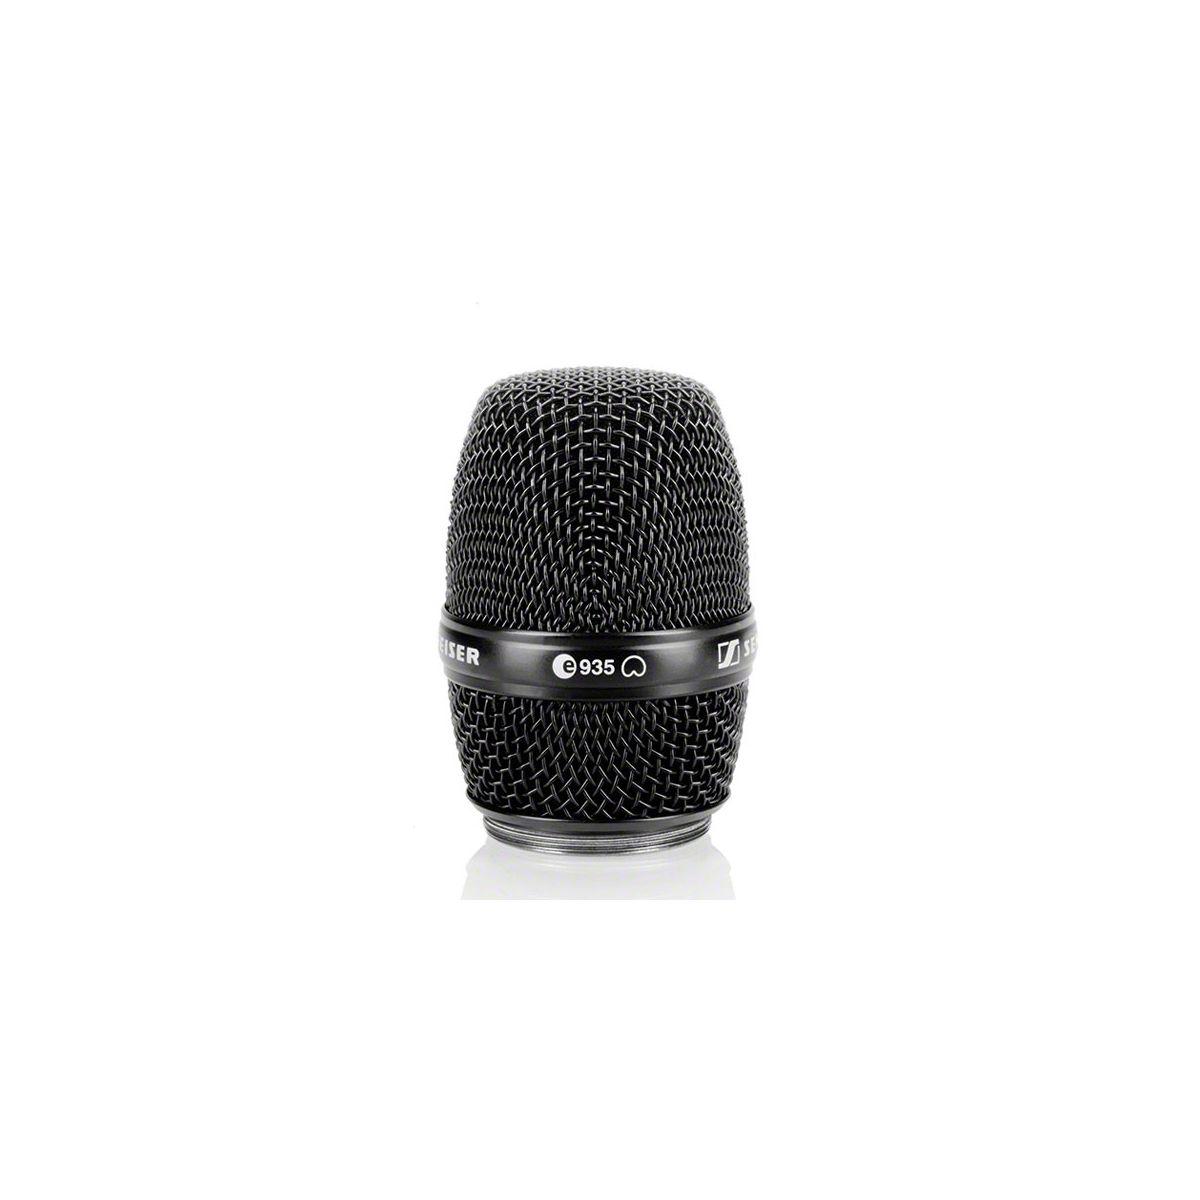 Micros chant sans fil - Sennheiser - MMD935 capsule E935